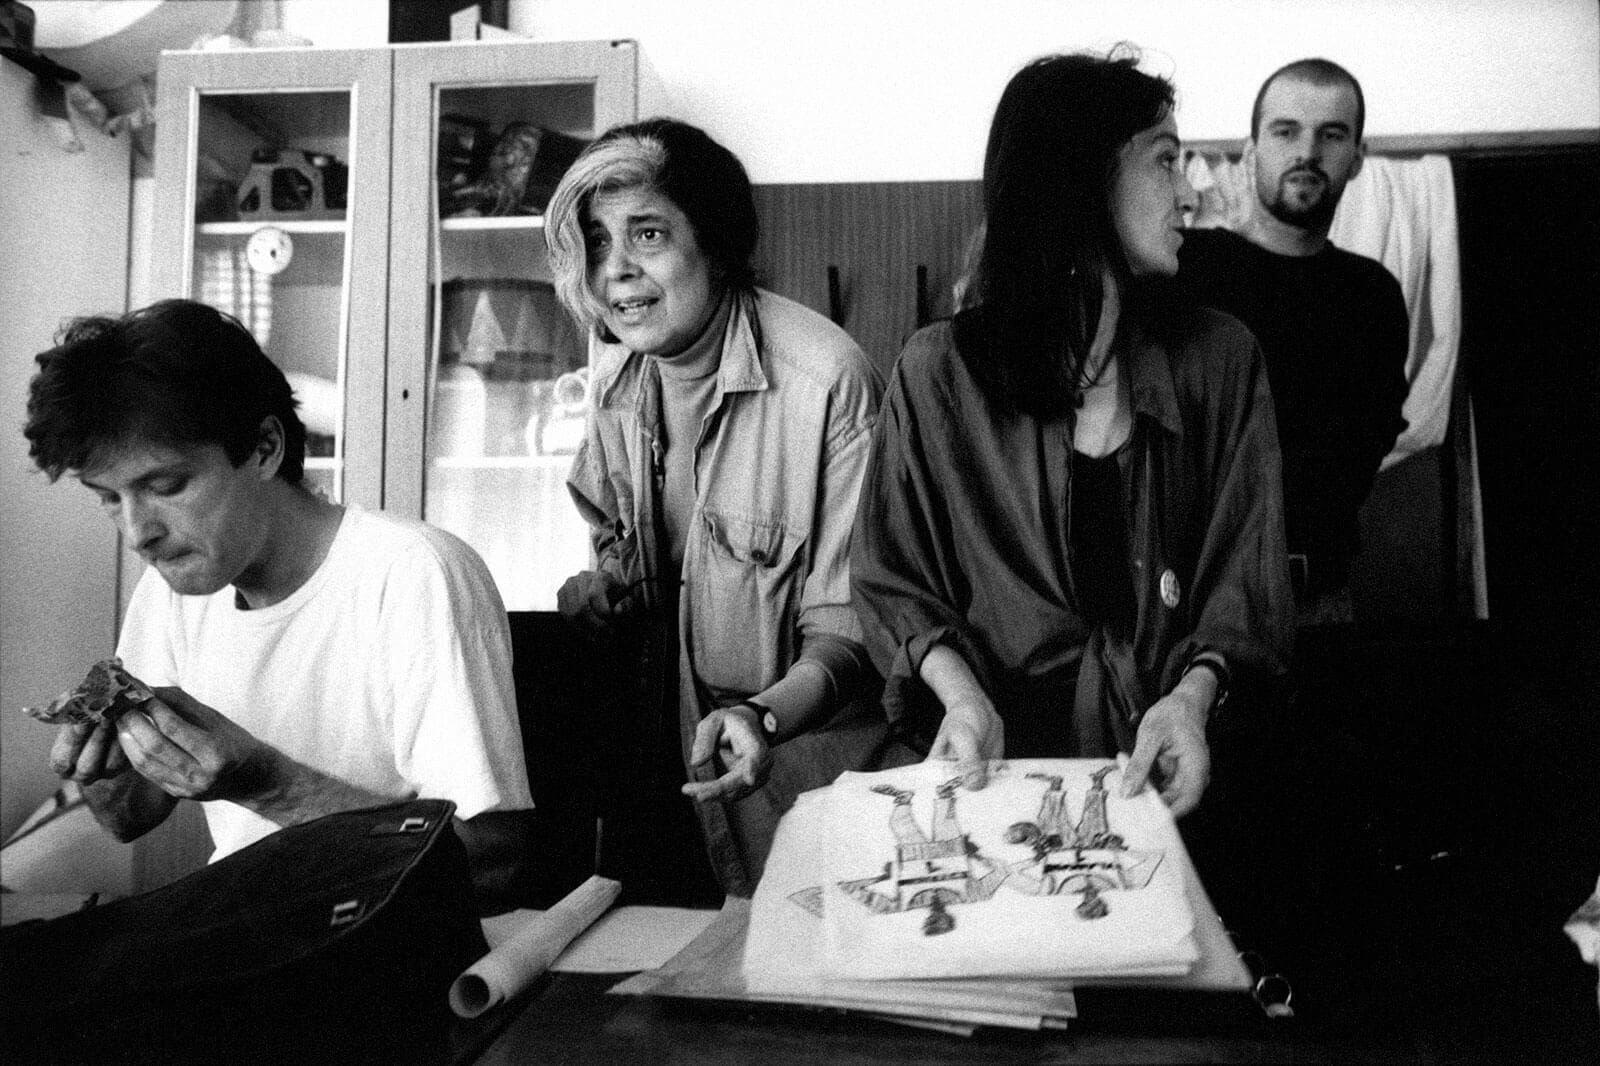 Сьюзен Сонтаг готовит спектакль «В ожидании Годо» в Сараево во время войны. Фото: Paul Lowe / Panos Pictures/ Felix Features